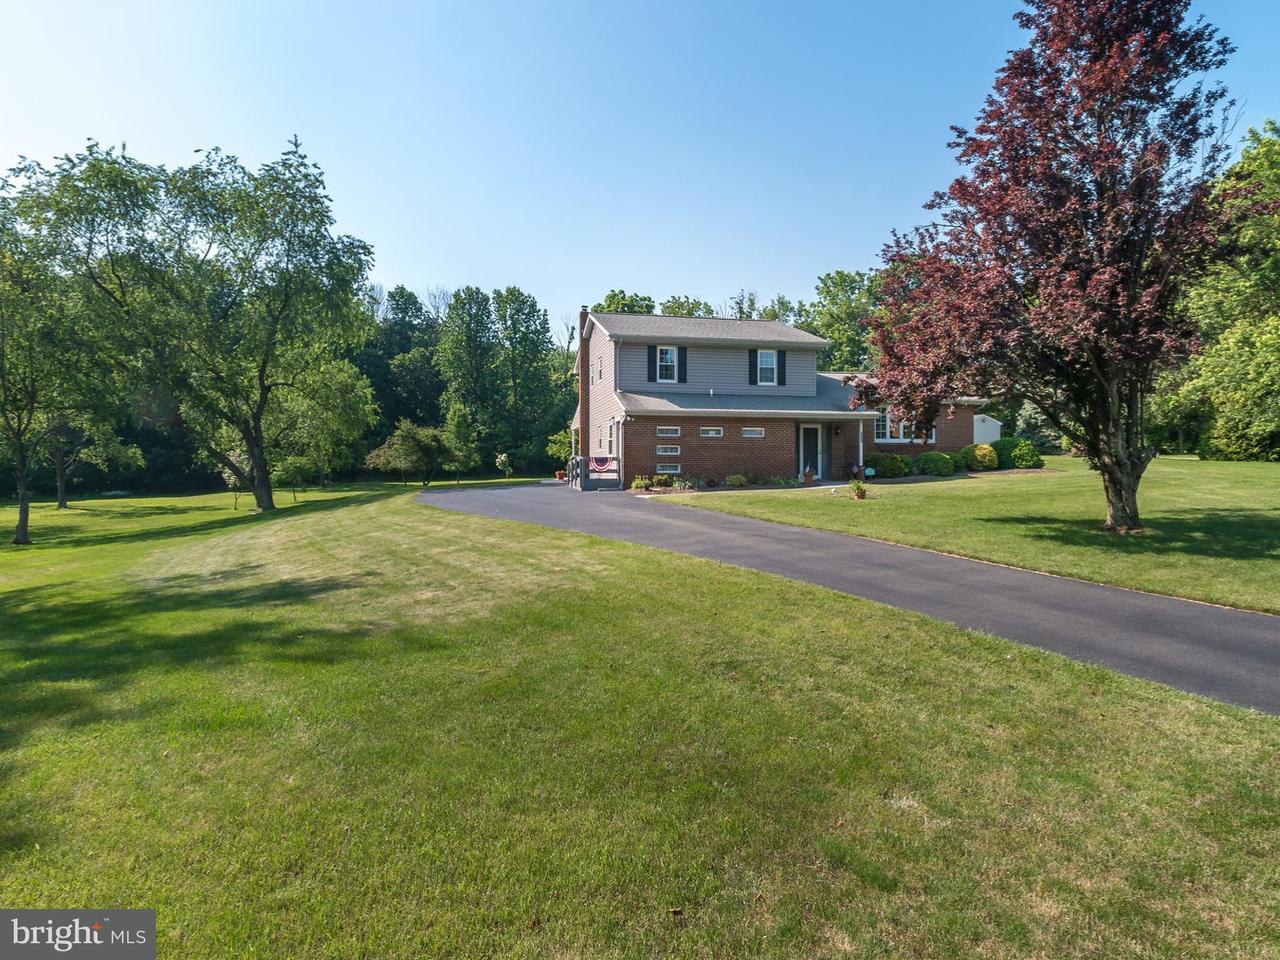 Частный односемейный дом для того Продажа на 4792 MANOR WAY East Greenville, Пенсильвания 18041 Соединенные Штаты